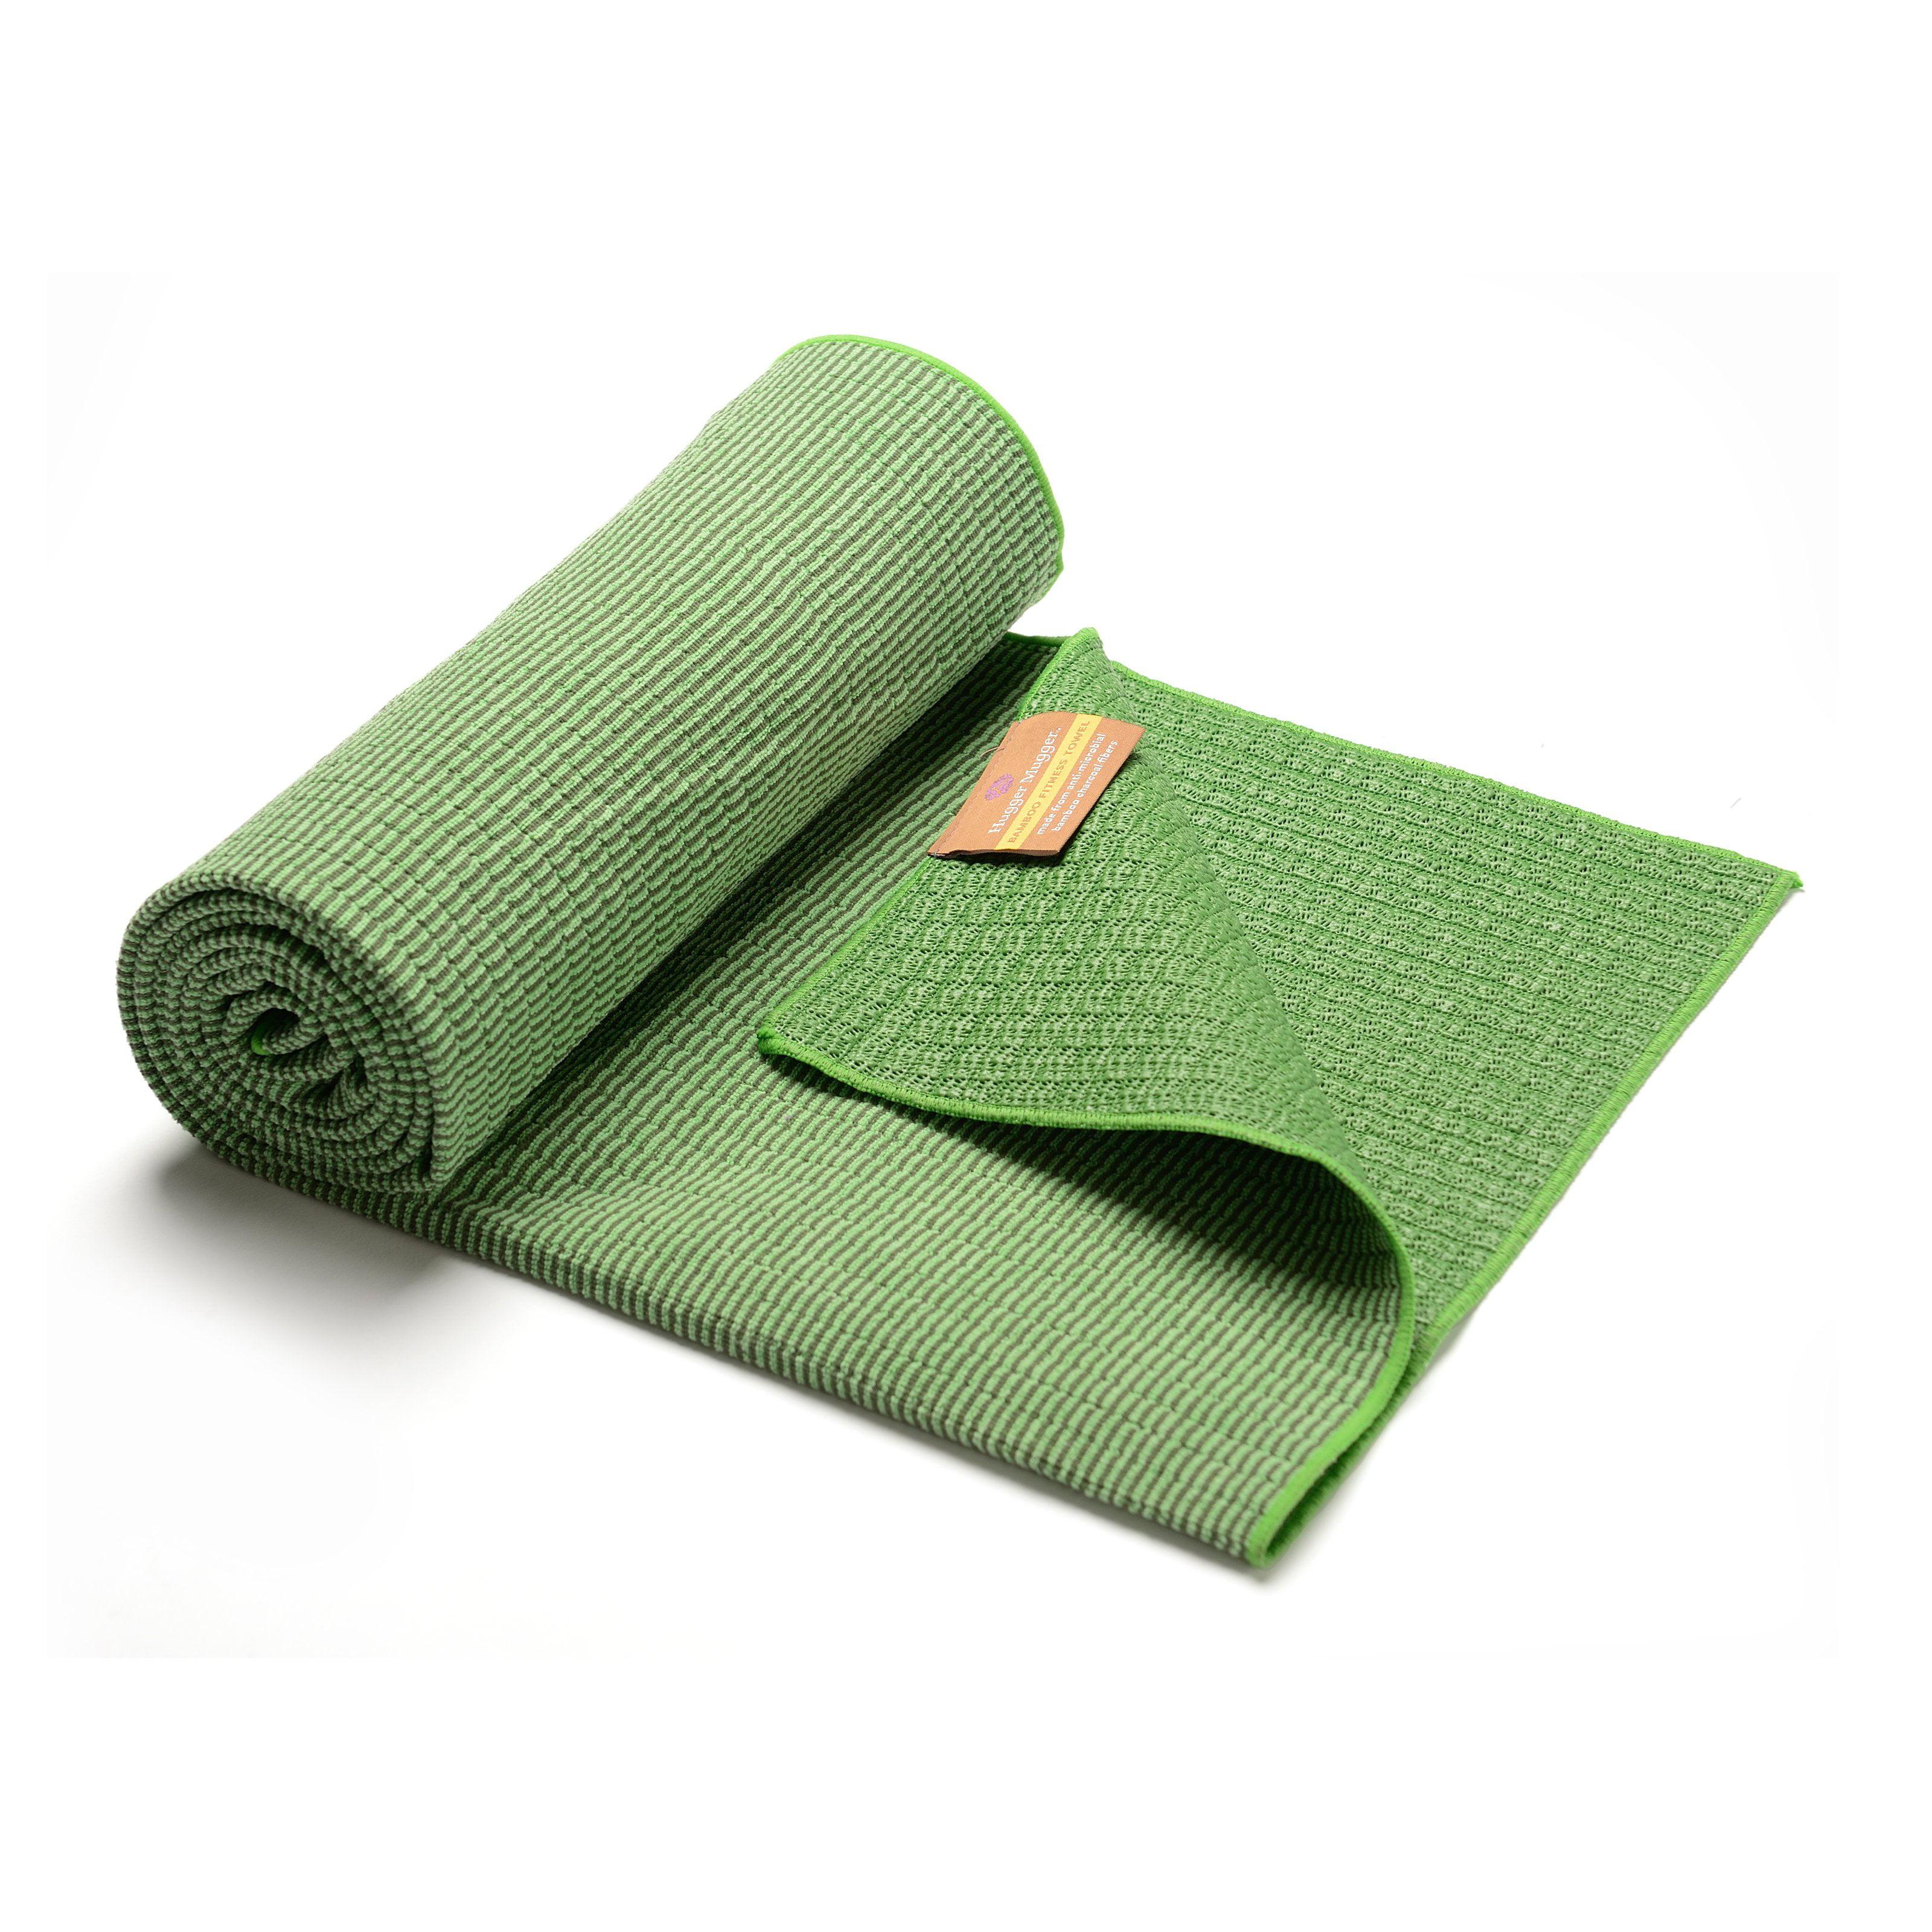 Hugger Mugger Batik Yoga Mat Bag - Walmart.com d5b360cdf08b4